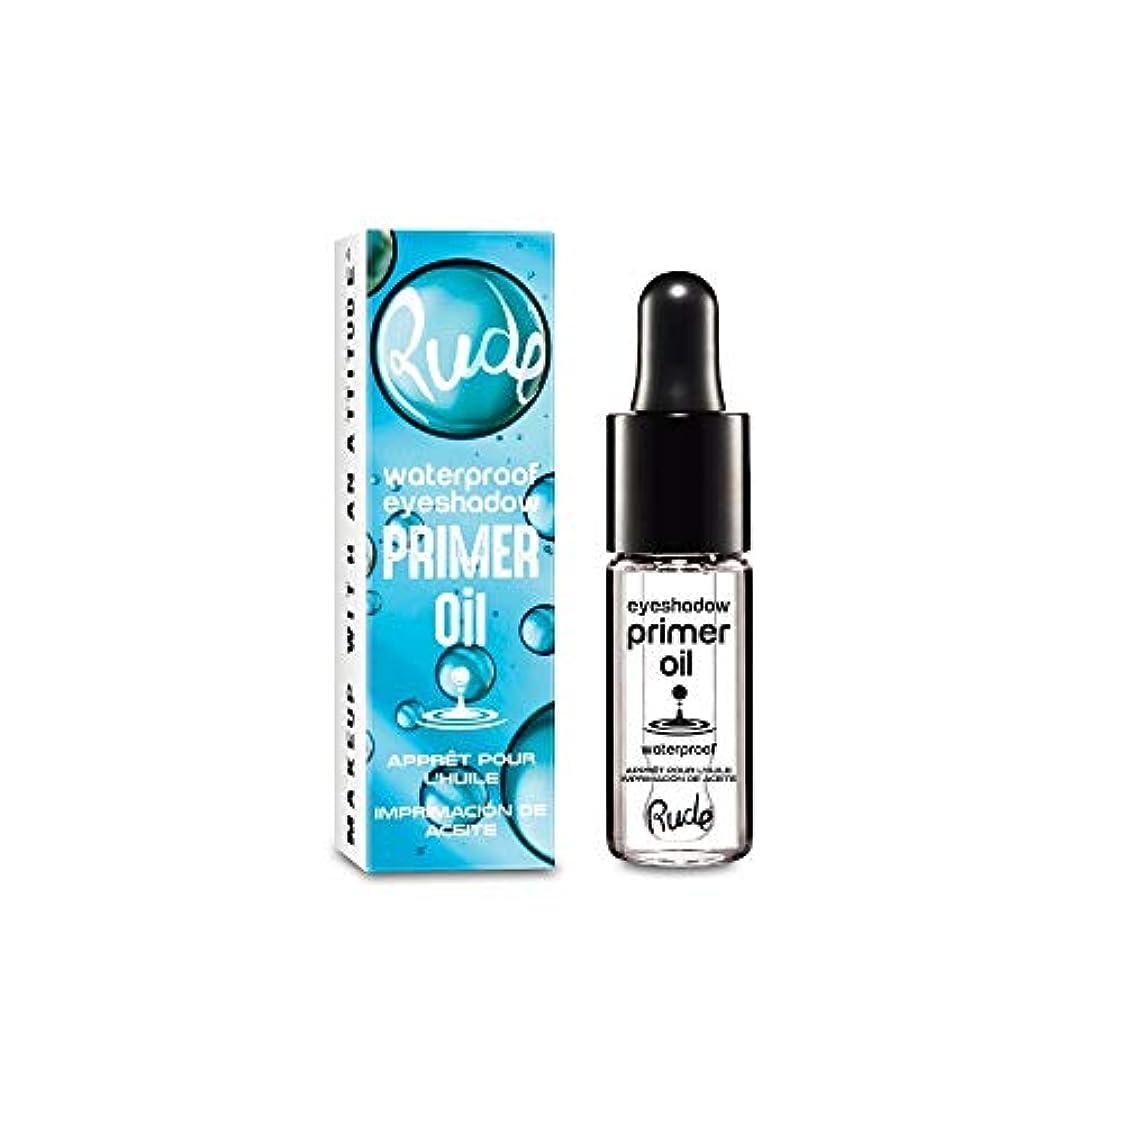 つかの間重々しいスツールRUDE Waterproof Eyeshadow Primer Oil (並行輸入品)